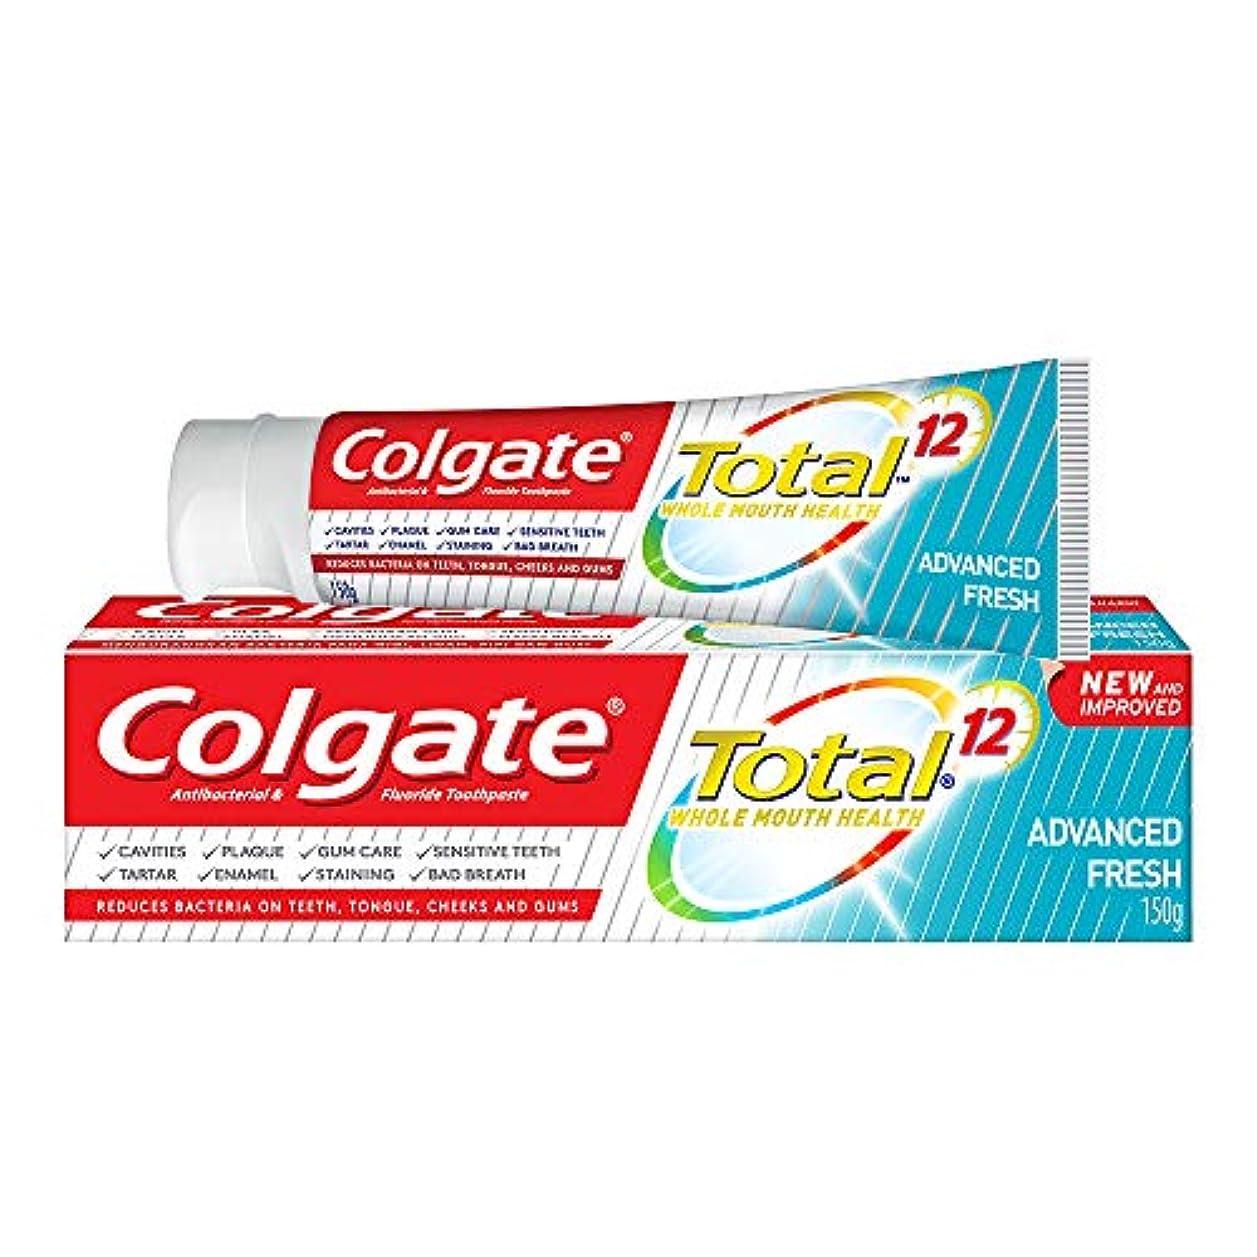 ダンス強います理想的にはColgate コルゲート トータル トゥースペースト 150g (歯磨き粉) 【歯磨き粉、虫歯予防、アメリカン雑貨】